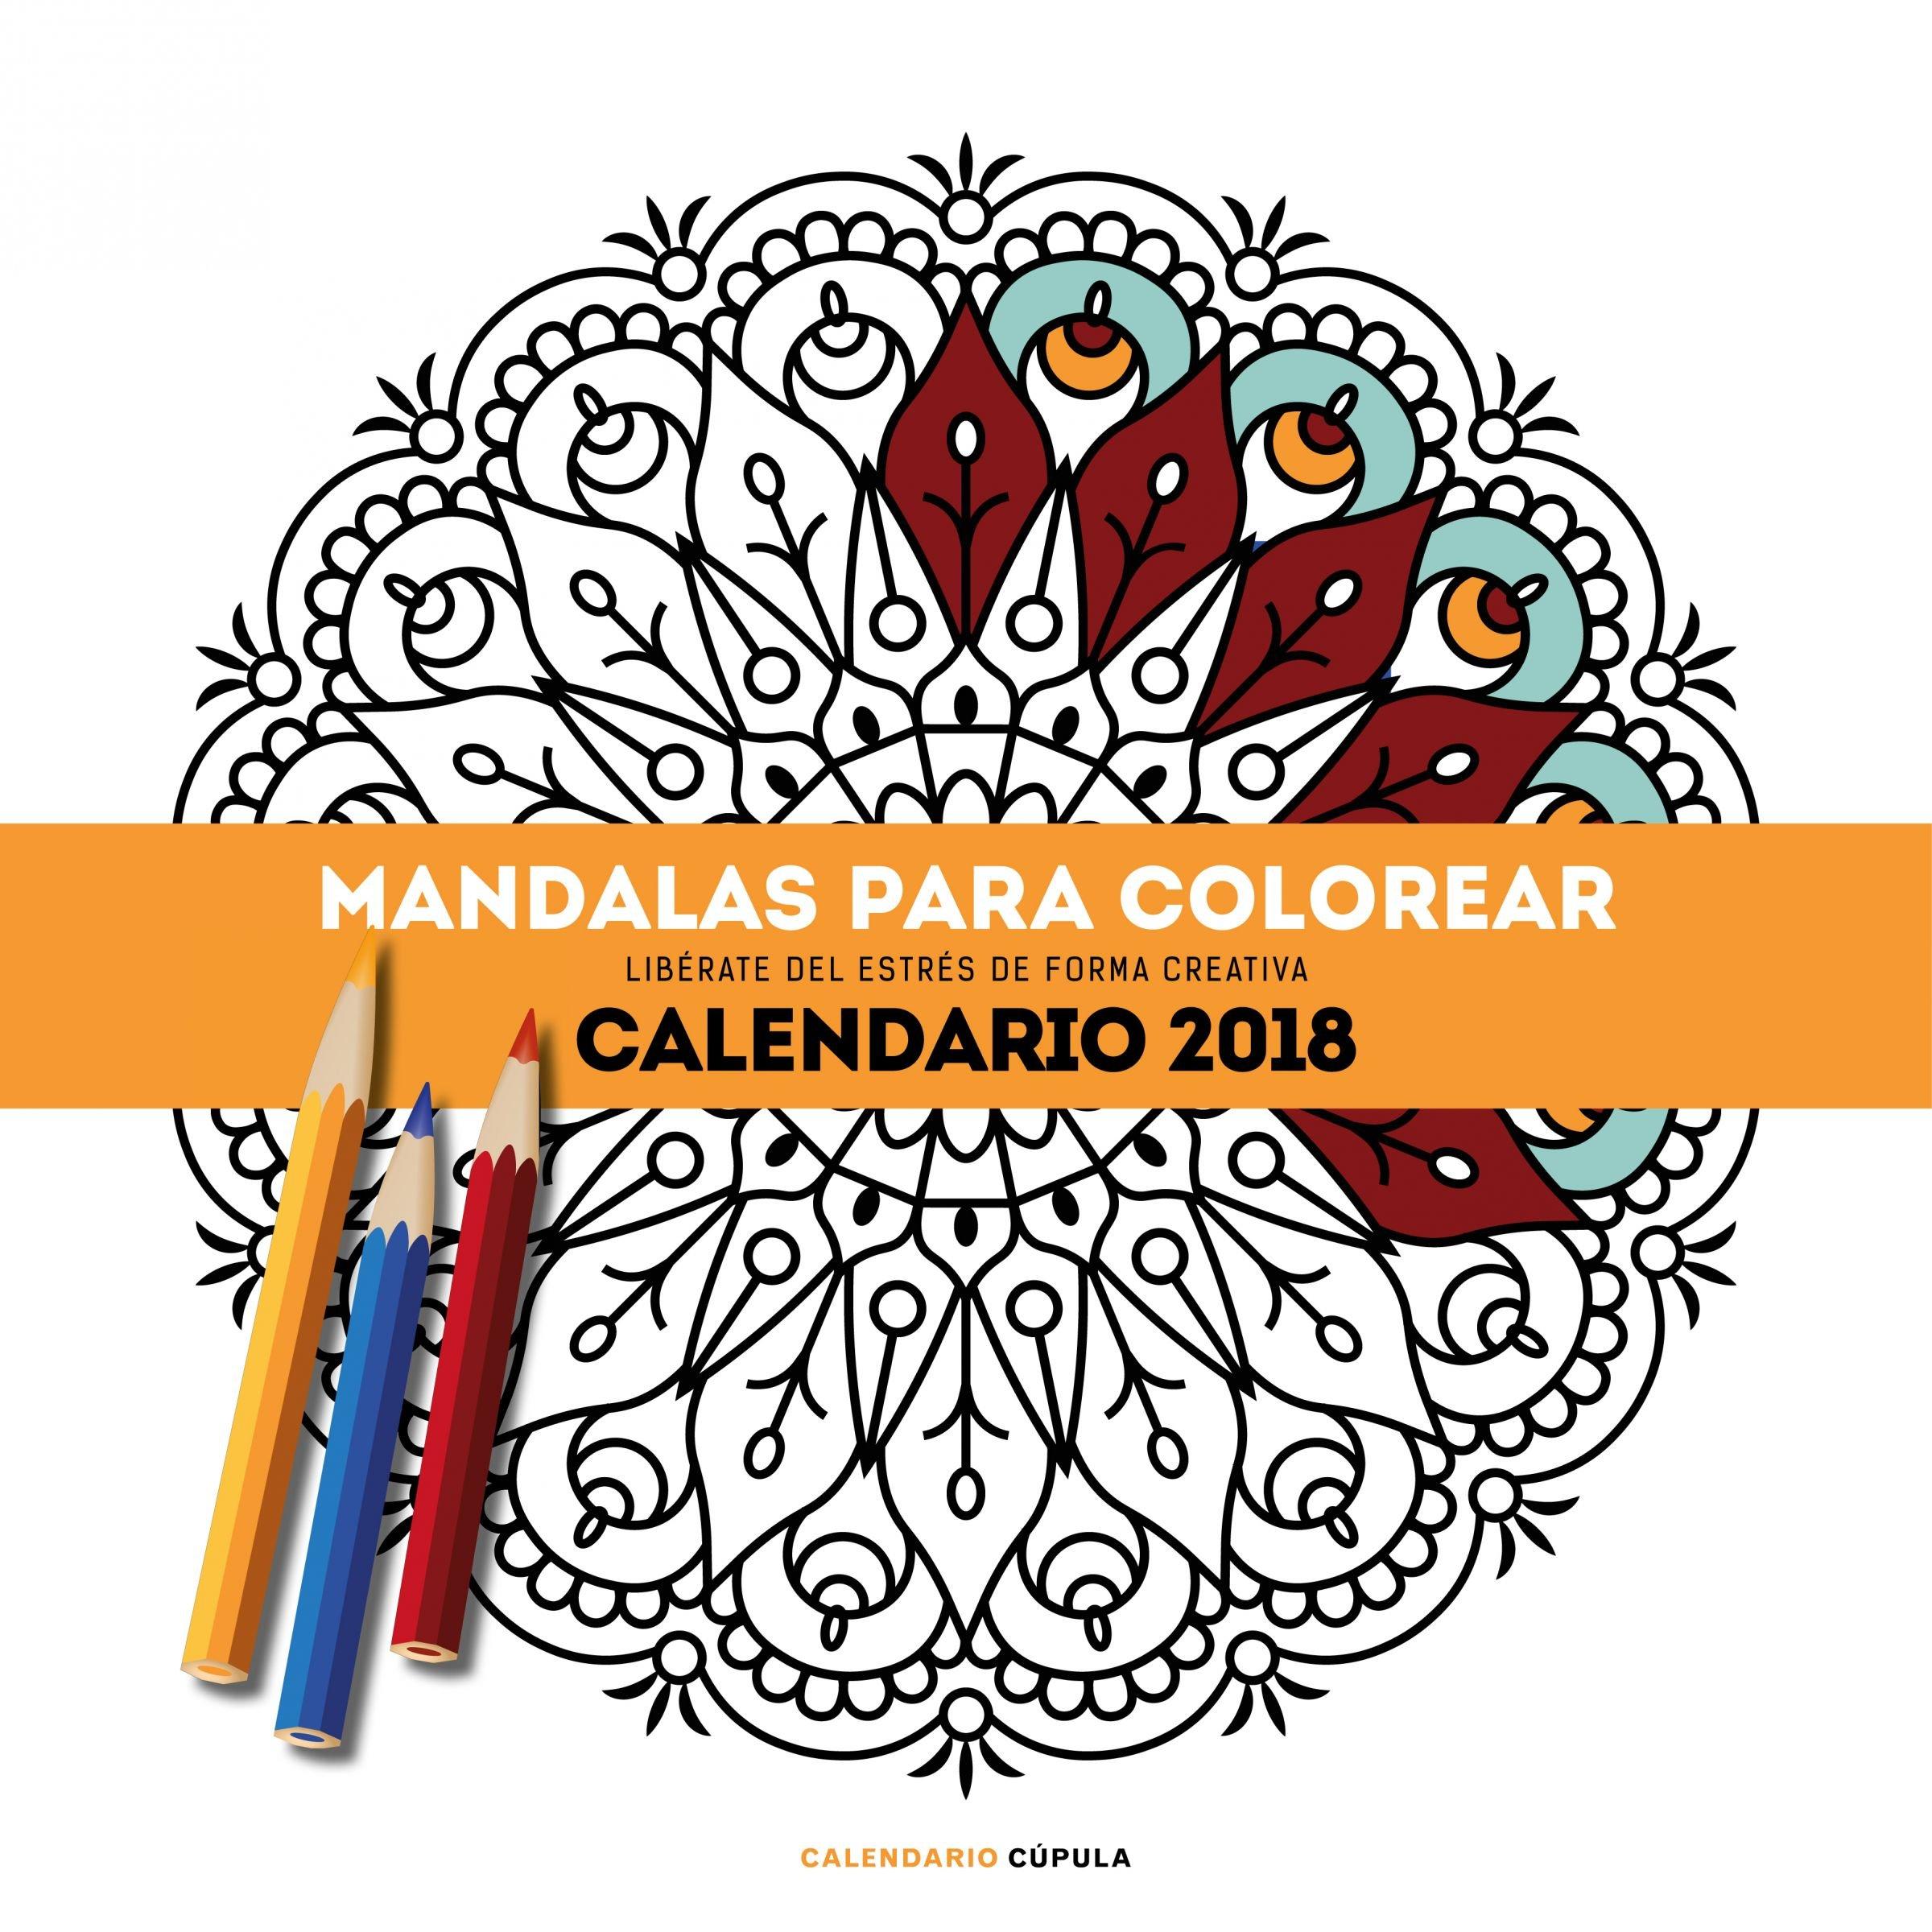 Calendario Mandalas para colorear 2018: Libérate del estrés de ...